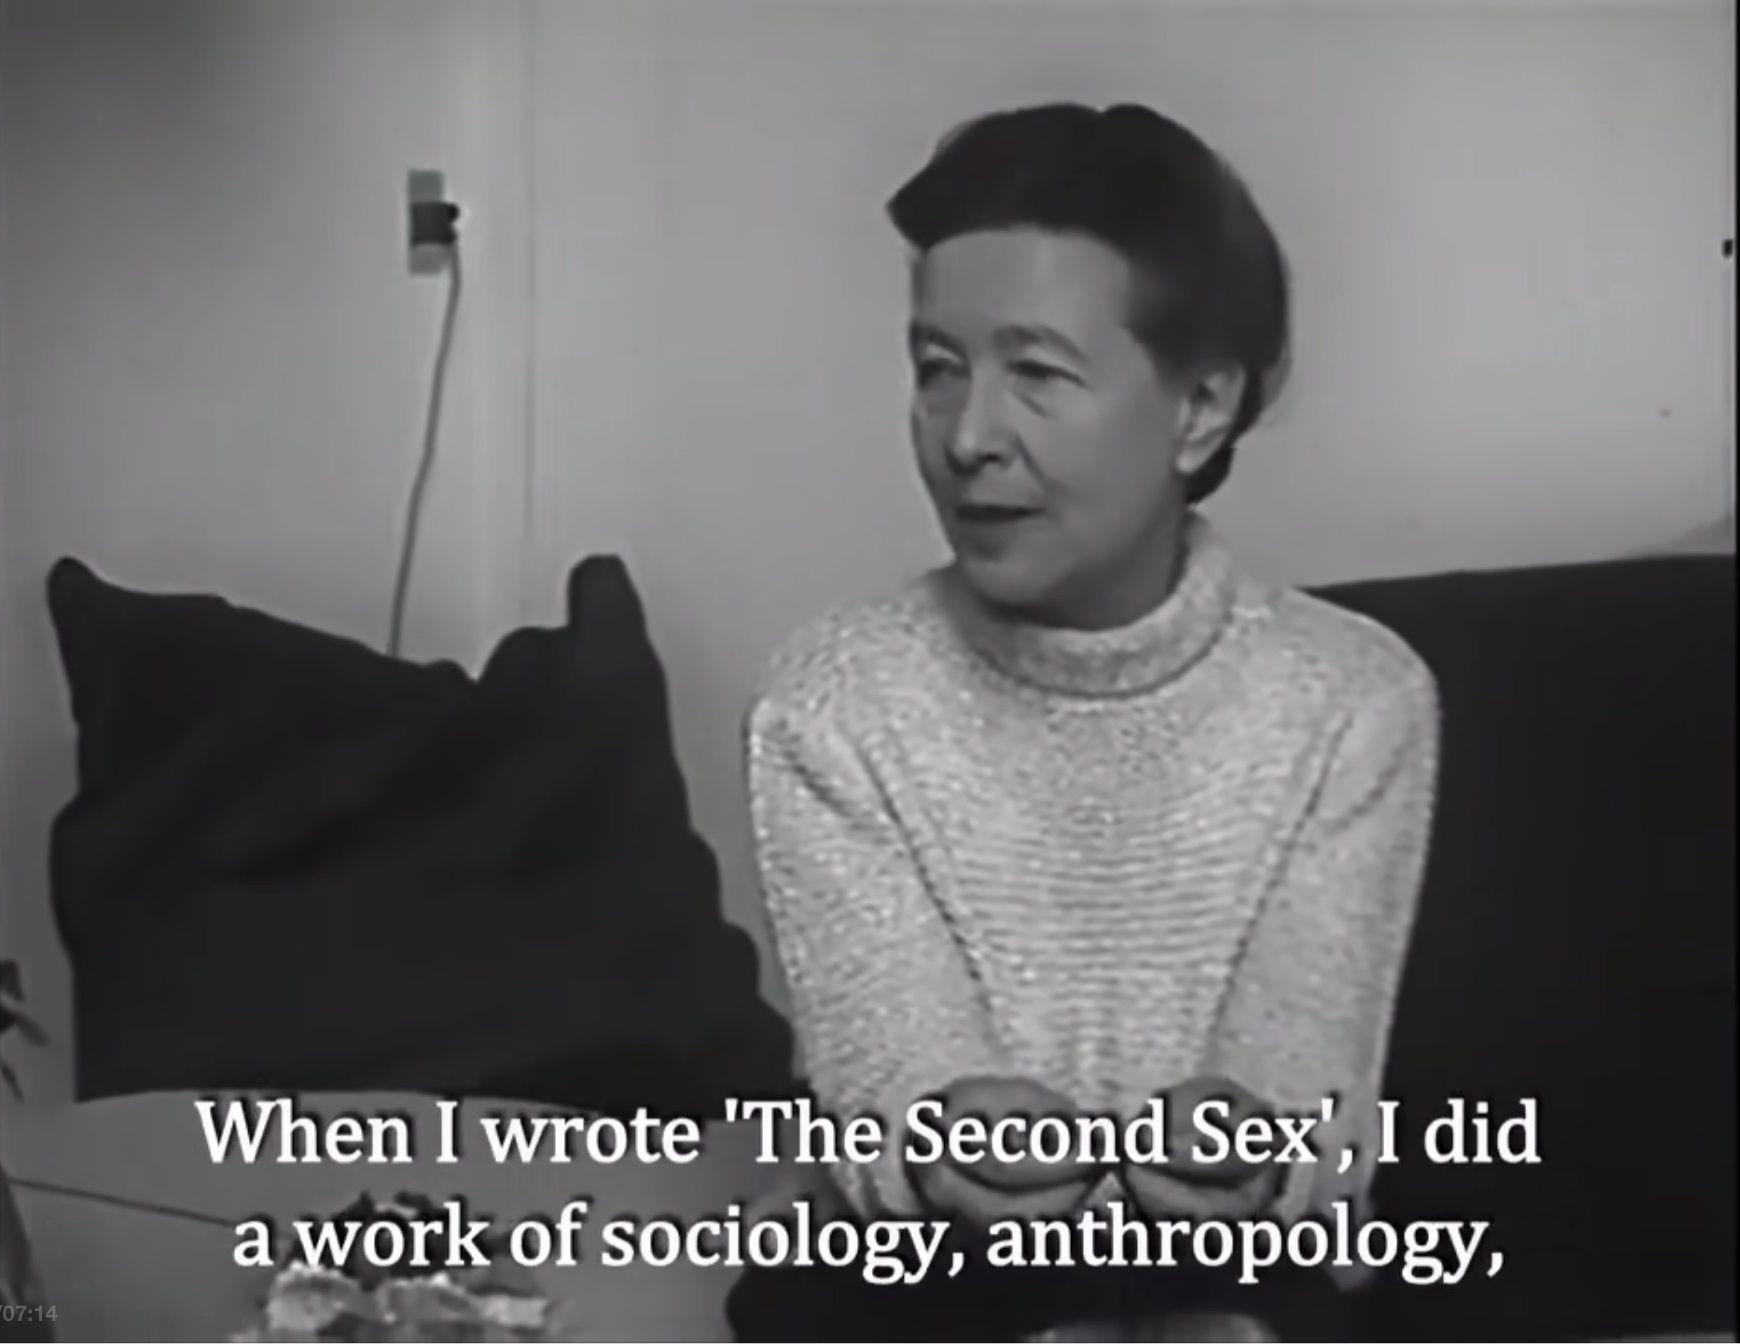 波伏瓦1967年接受加拿大广播电台(Radio-Canada)采访